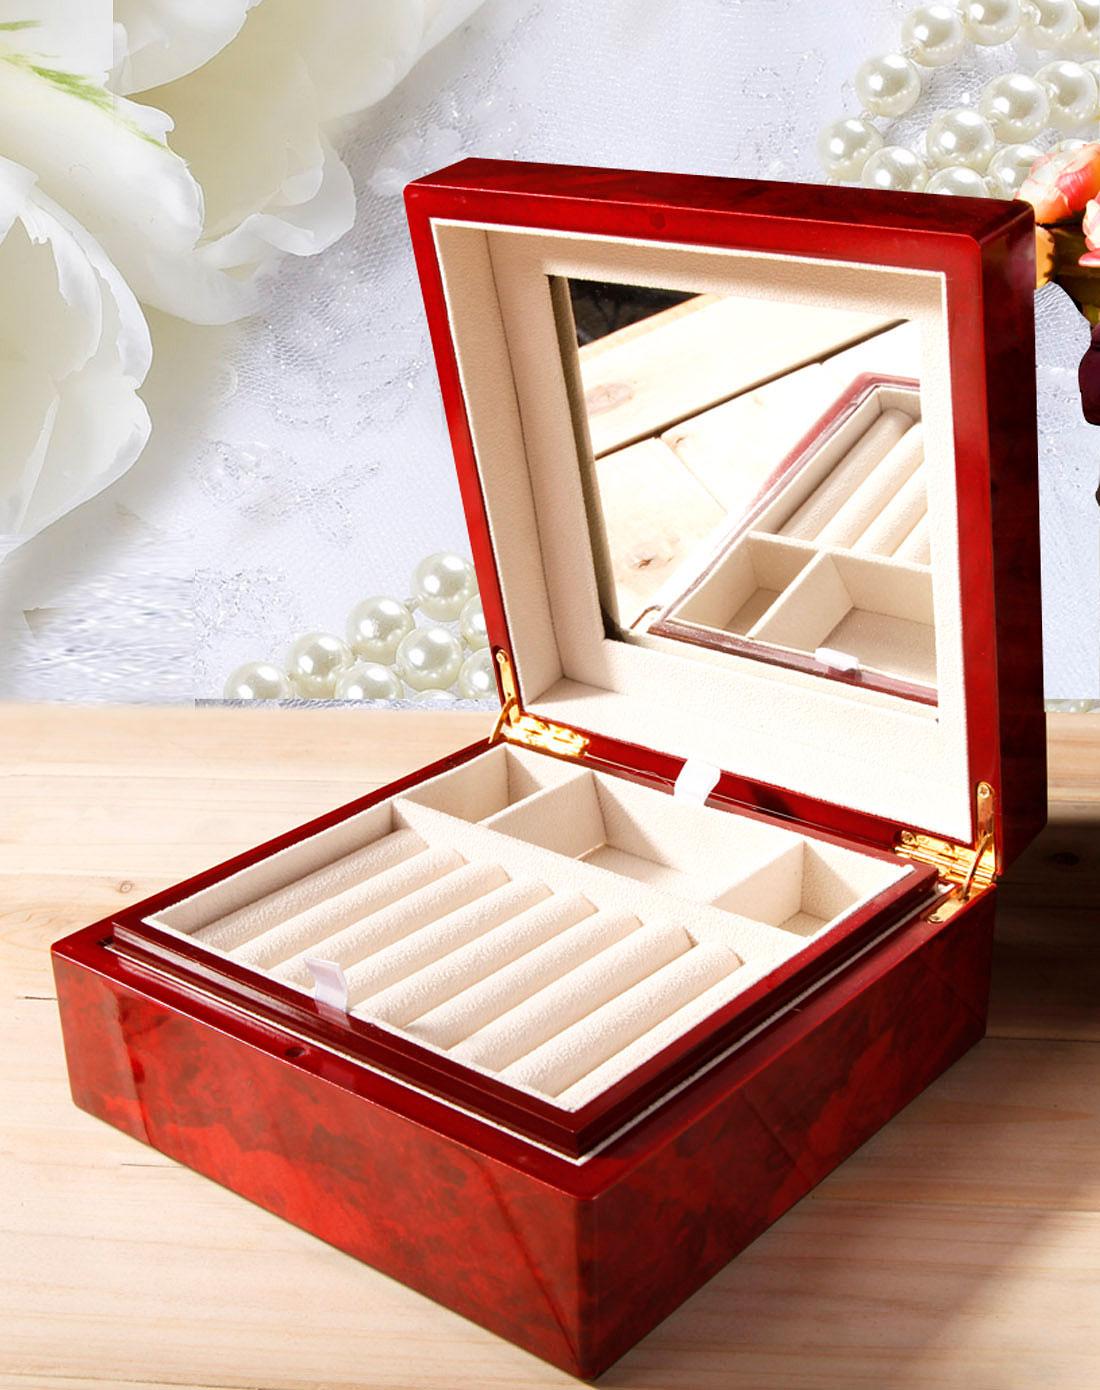 雅工坊钢琴烤漆首饰盒化妆盒(酒红色方形)802020005